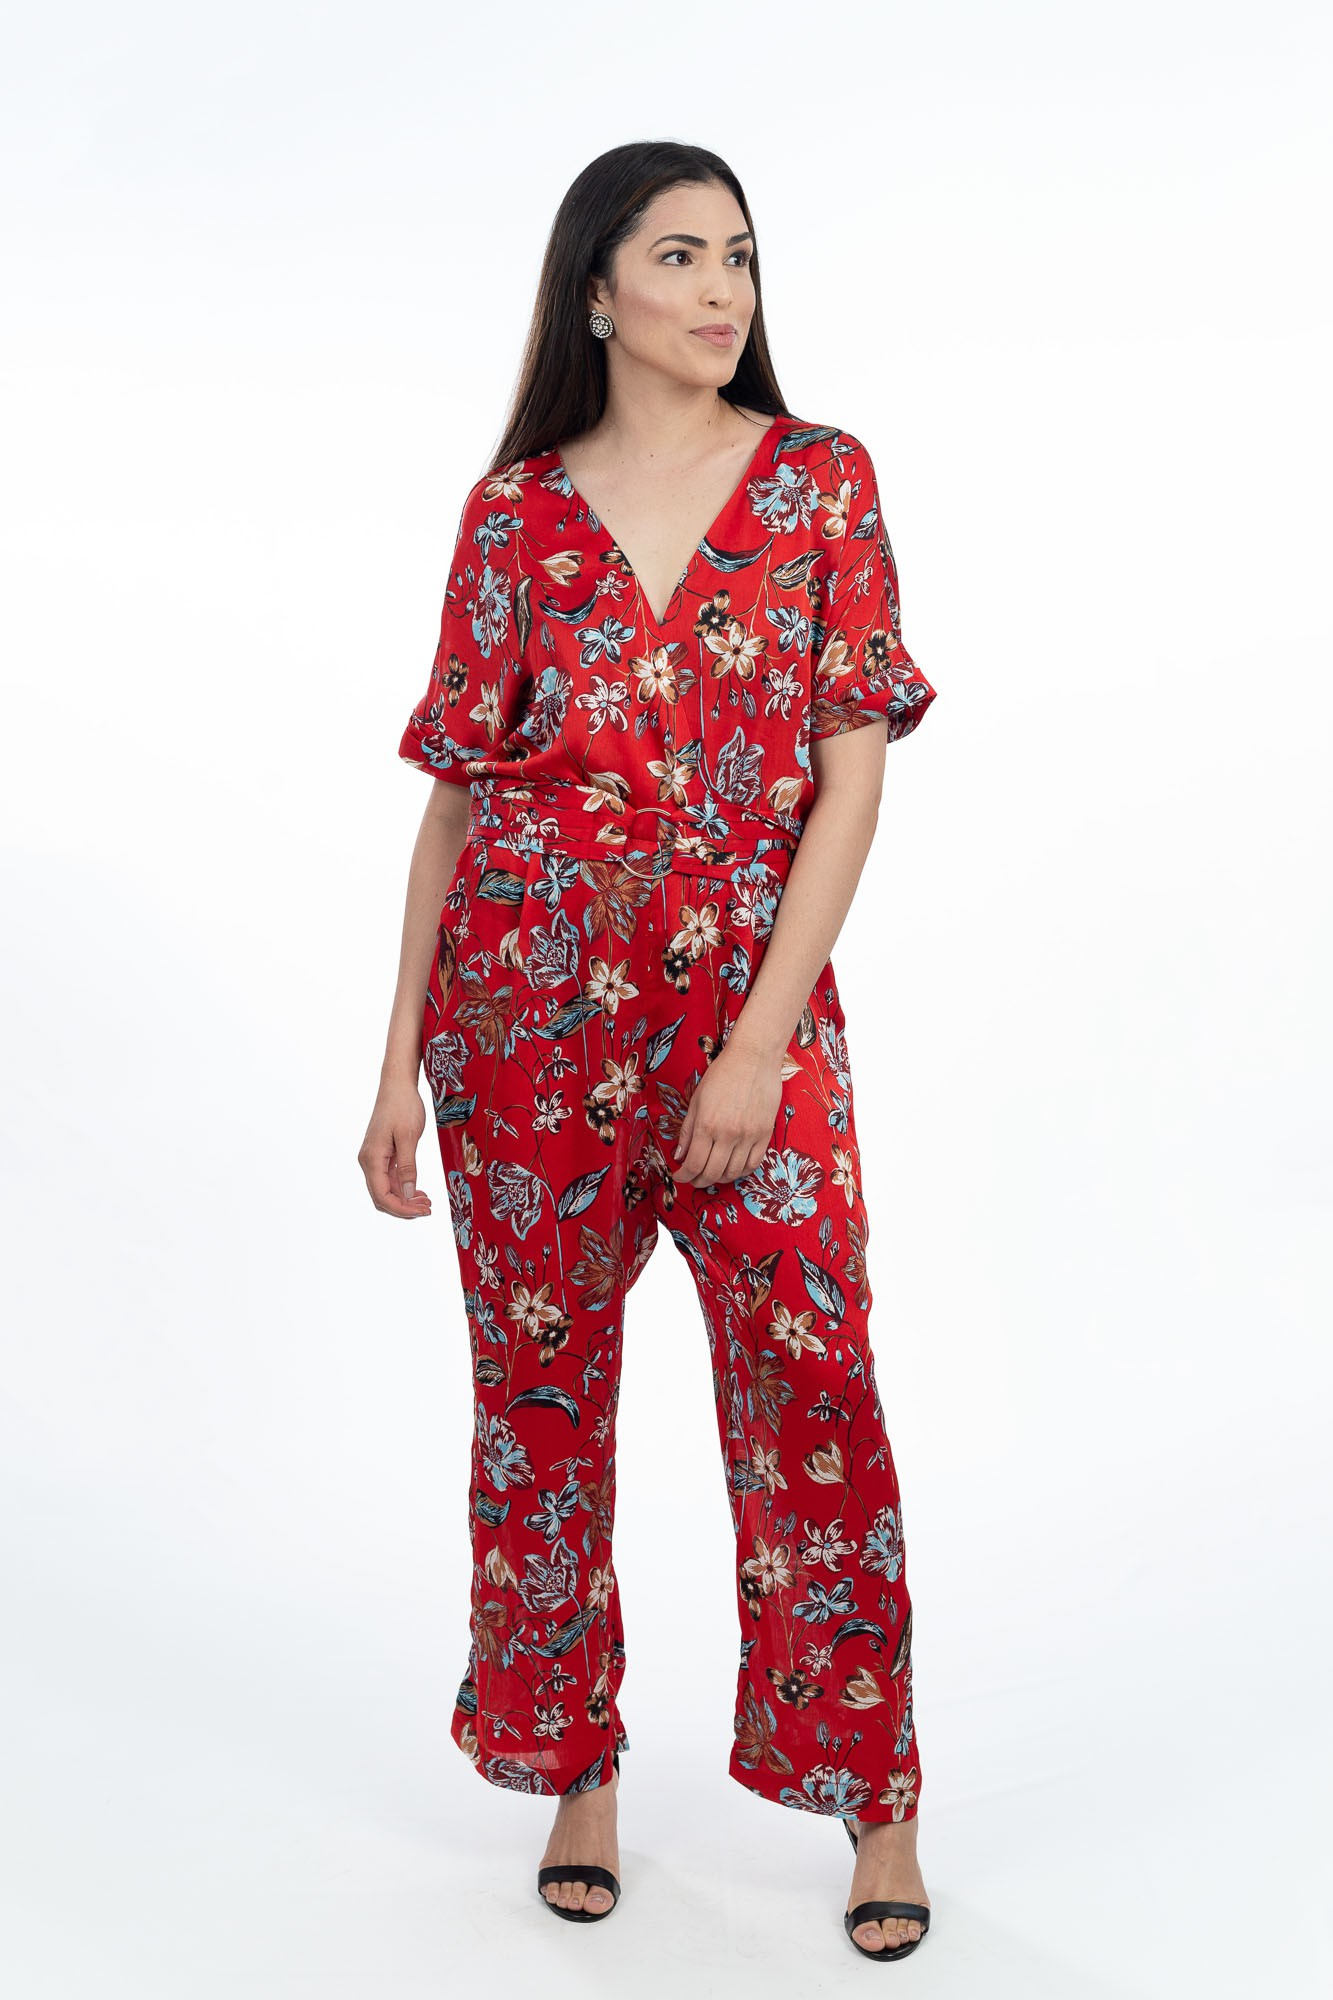 Macacão comprido terracota estampa floral Zara tam GG